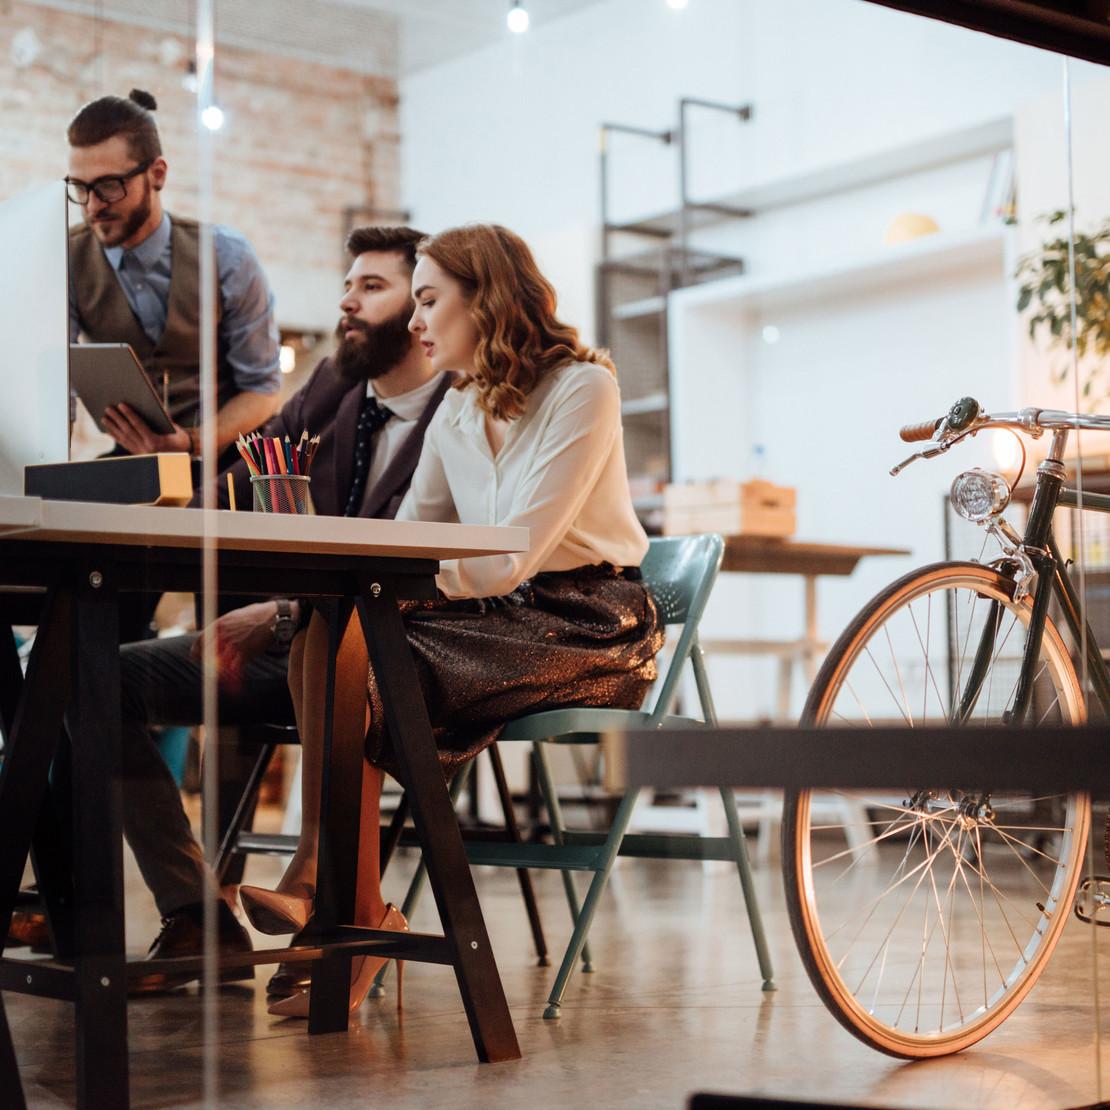 Fotografie einer Gruppe von Menschen an einem modernen Büroarbeitsplatz